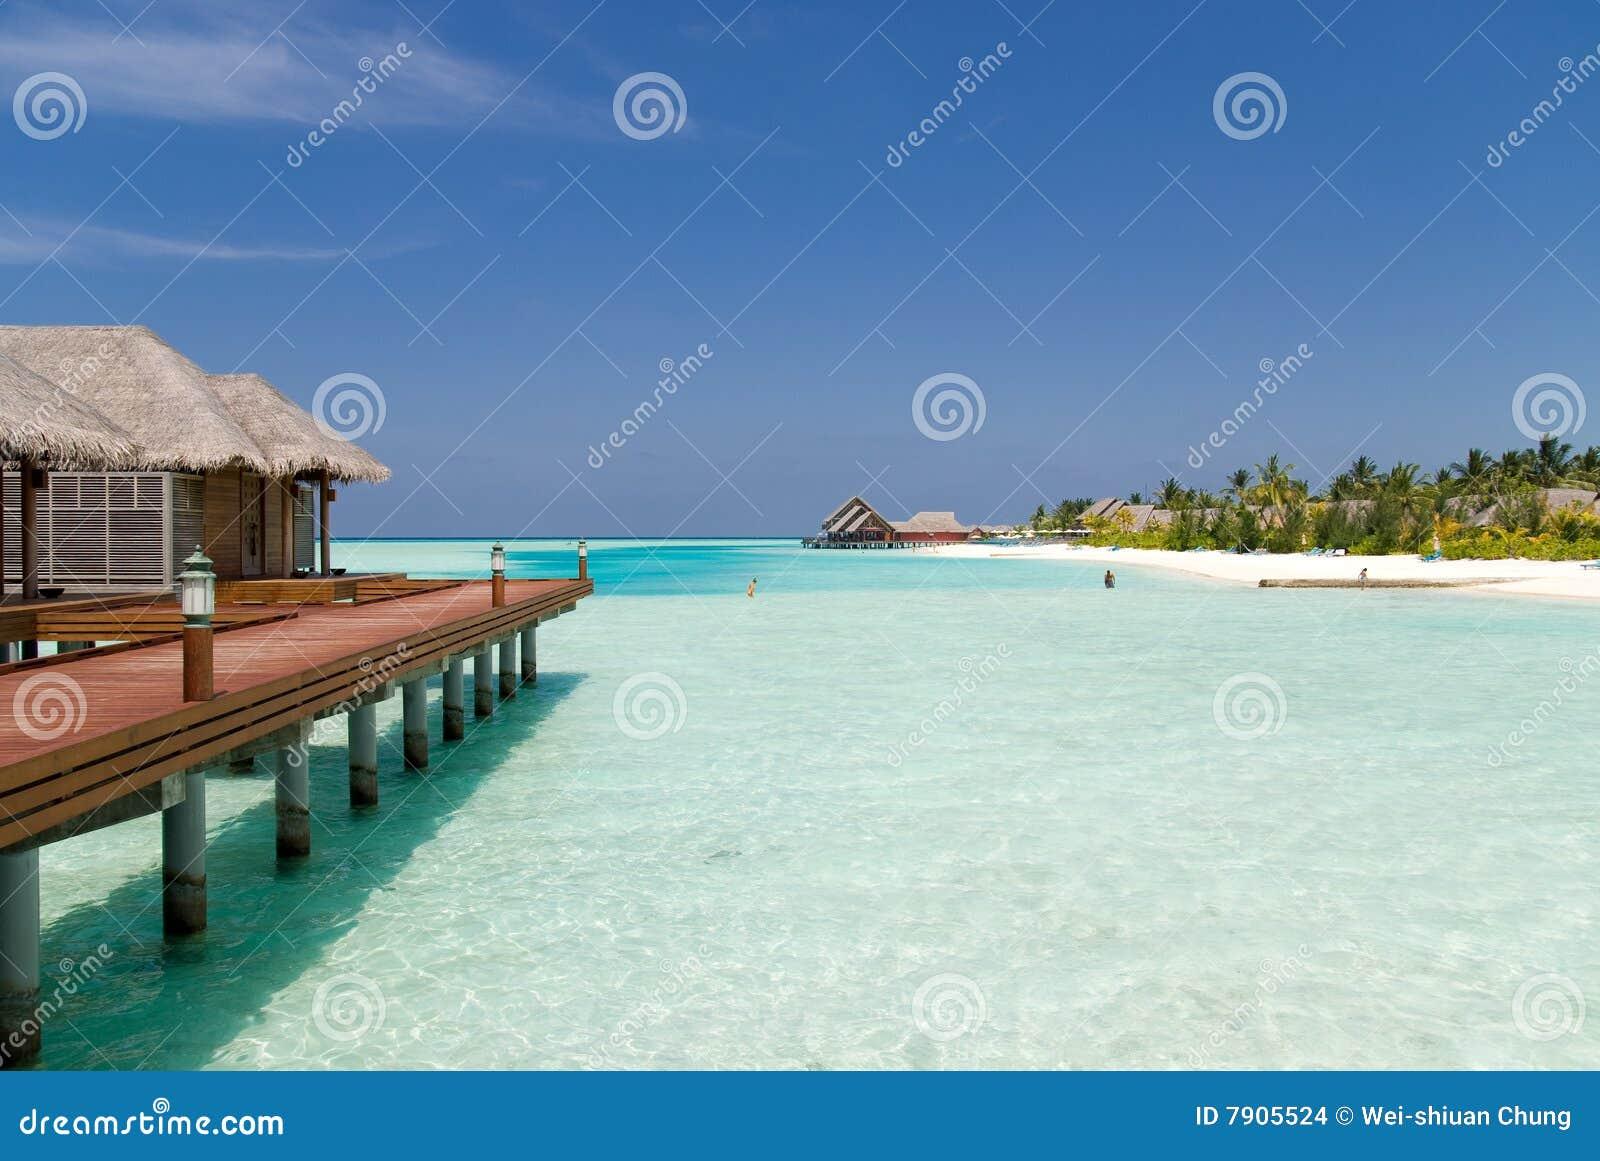 Vacaciones perfectas en Maldives.